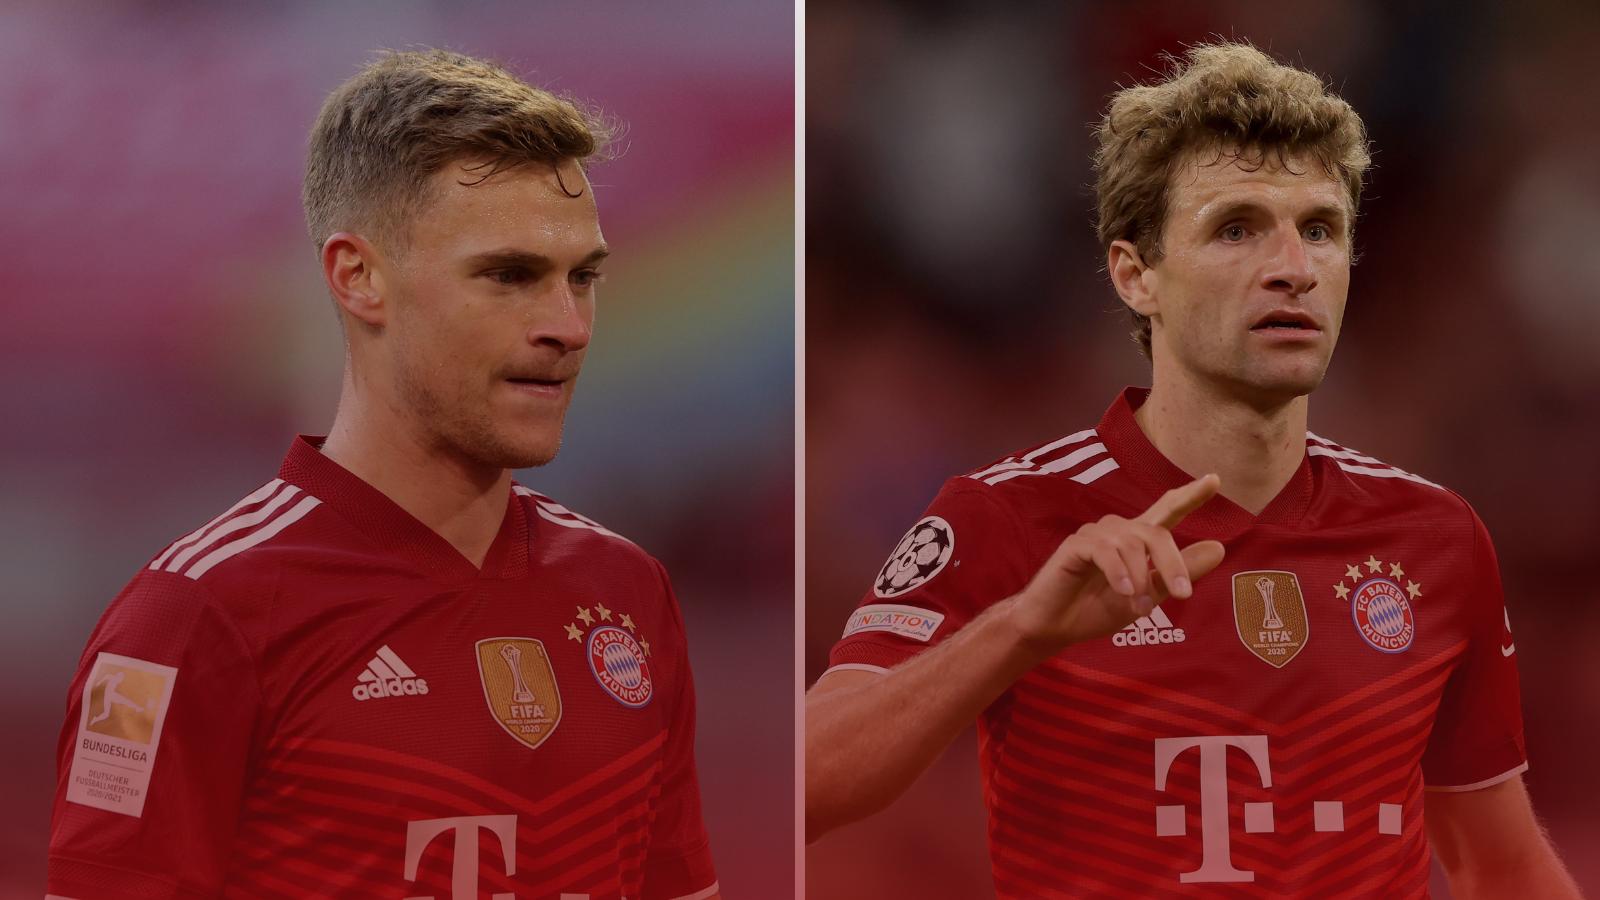 Kimmich y Müller, las dos opiniones sobre la vacuna en FC Bayern.